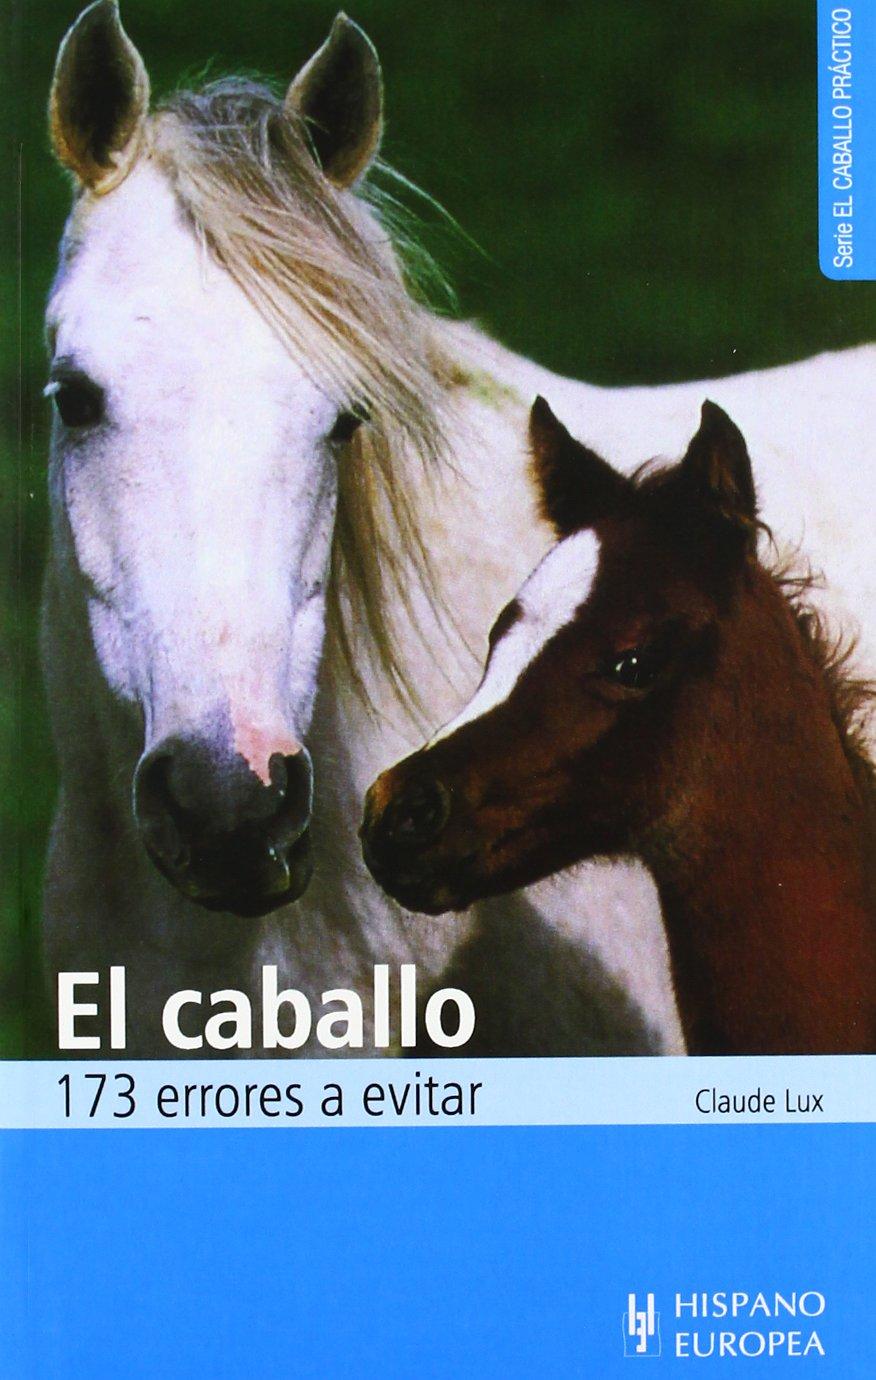 El caballo. 173 errores a evitar (El caballo práctico) Tapa blanda – mar 2012 Claude Lux Editorial Hispano Europea S.A. 8425509491